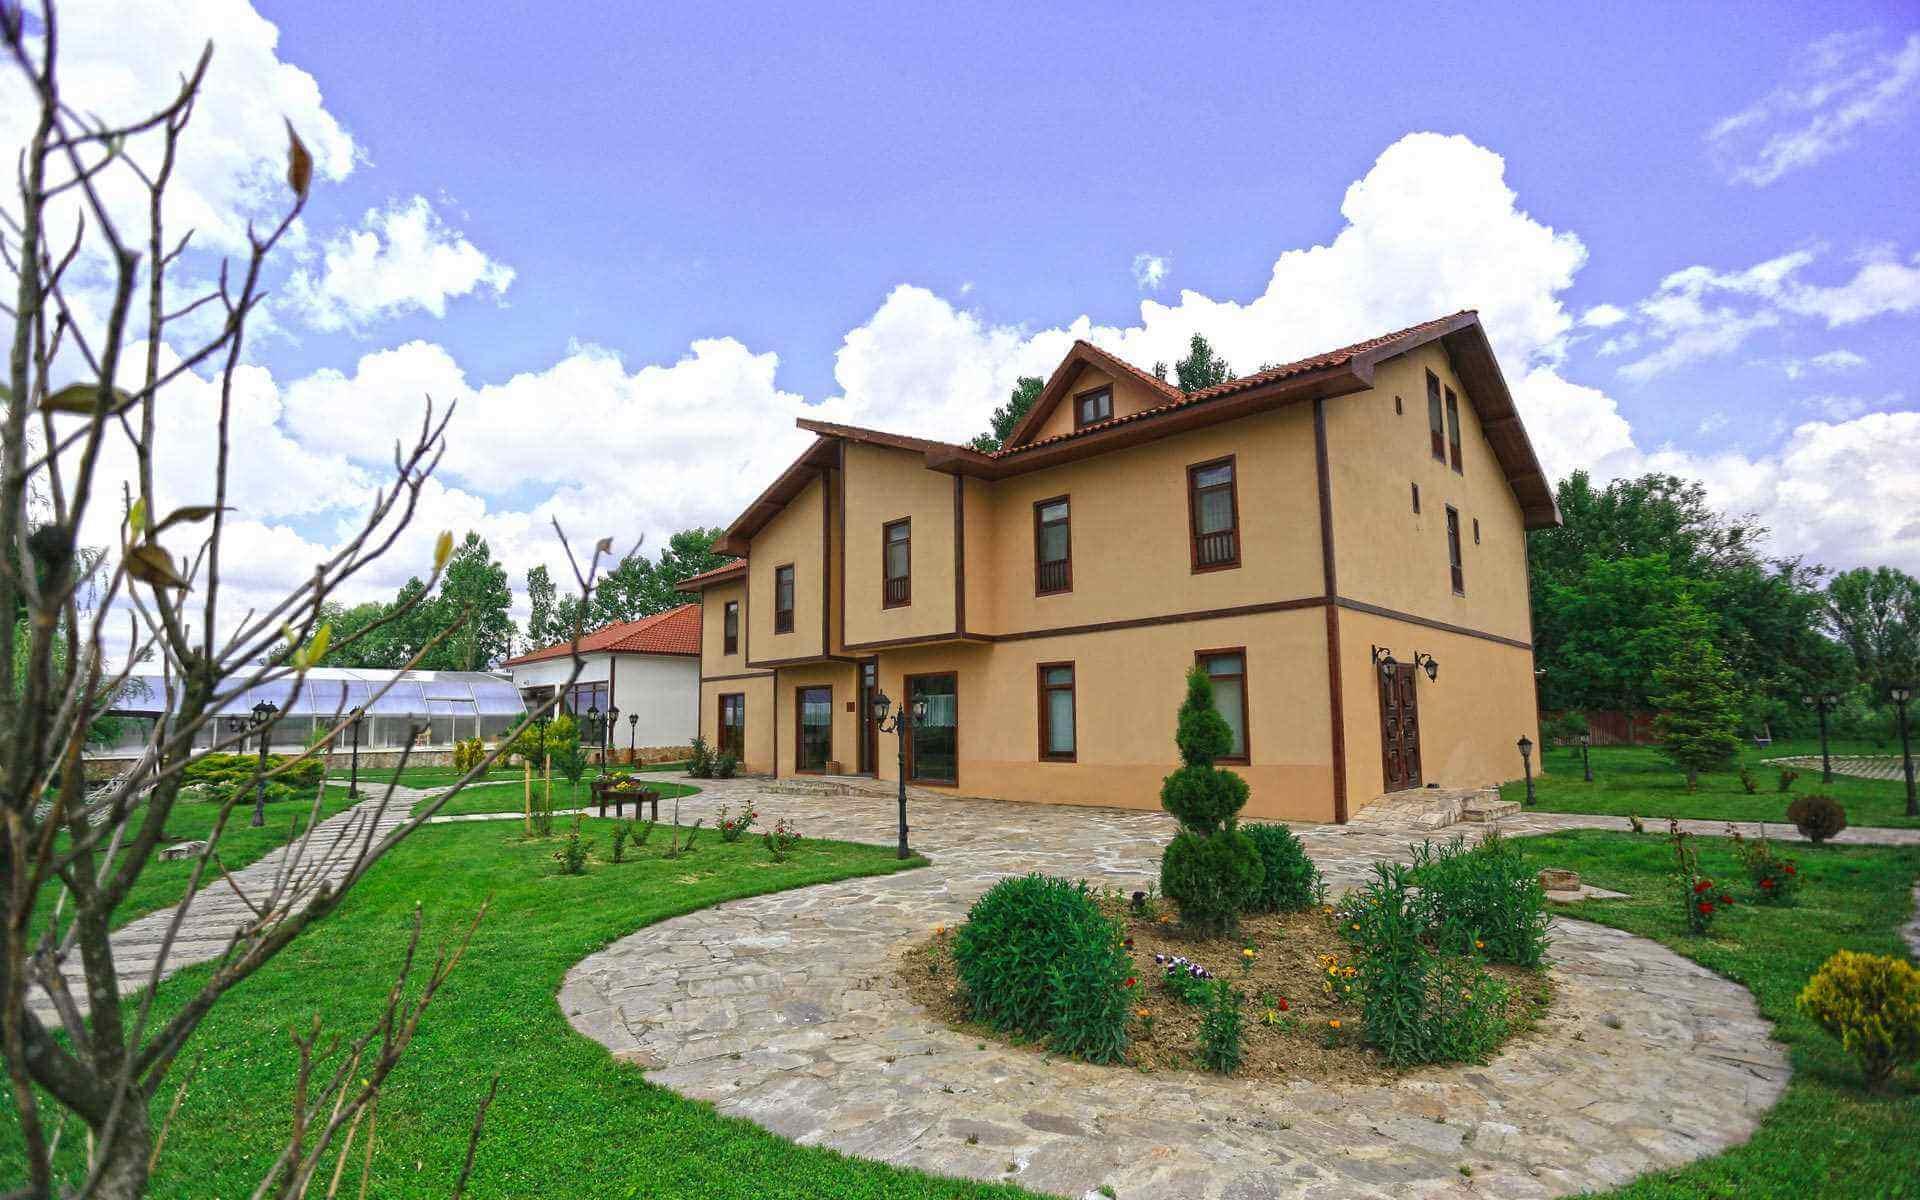 İksir Resort Kastamonu Ceviztepe Yerleşkesi